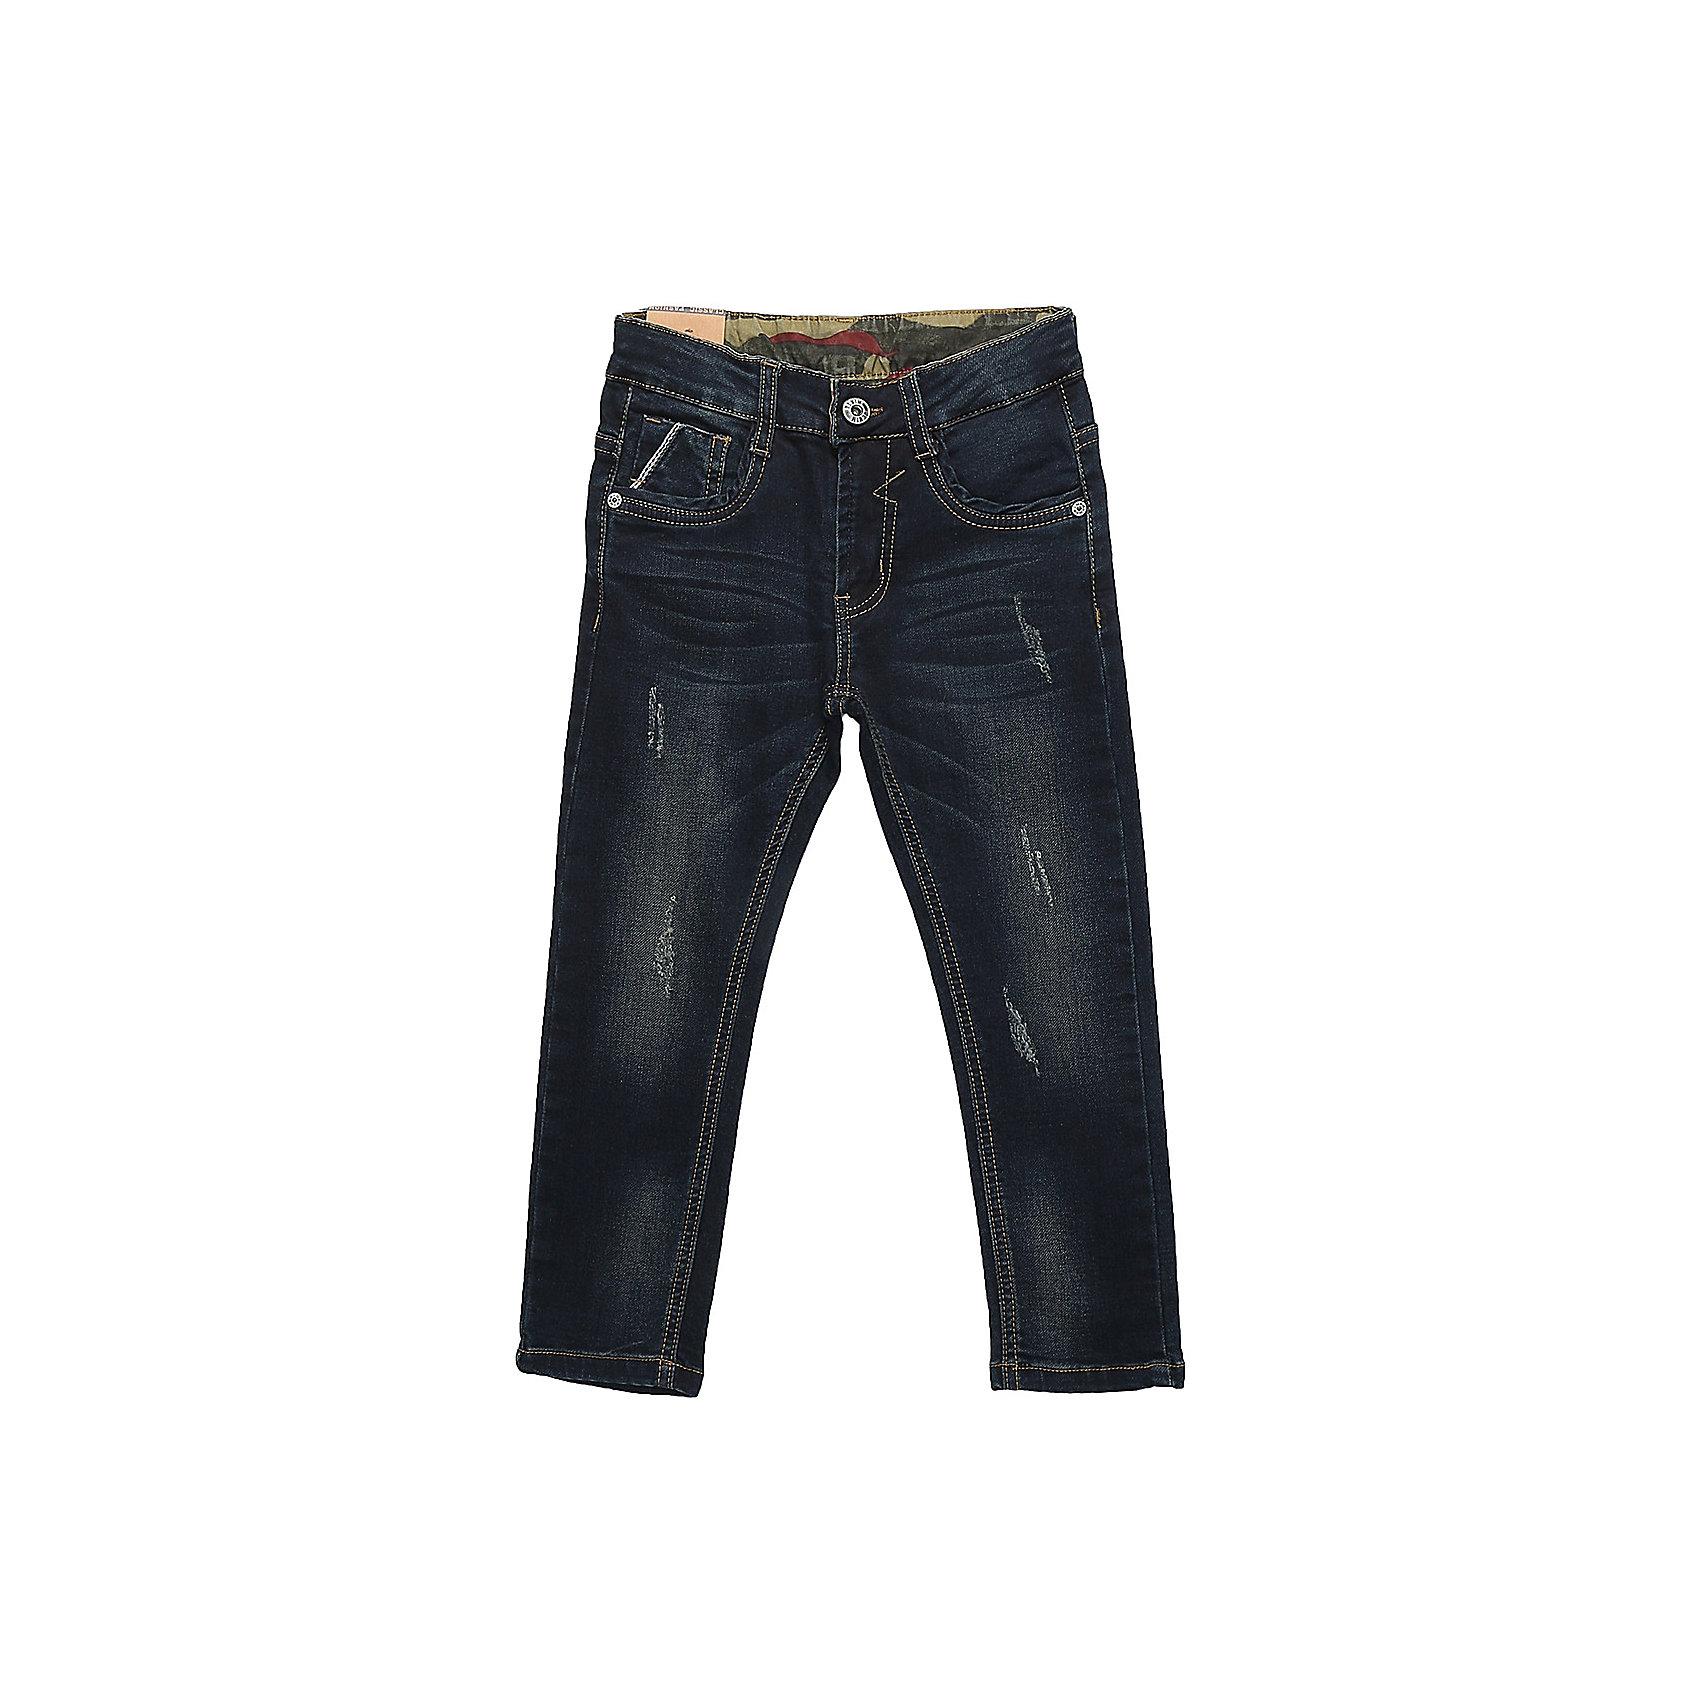 Брюки Sweet Berry для мальчикаДжинсы<br>Брюки Sweet Berry для мальчика<br>Модные джинсовые брюки для мальчика декорированные оригинальной варкой и потертостями. Застегиваются на молнию и пуговицу.  Шлевки на поясе рассчитаны под ремень. В боковой части пояса находятся вшитые эластичные ленты, регулирующие посадку по талии. Зауженный крой, средняя посадка.<br>Состав:<br>97% хлопок, 3% спандекс<br><br>Ширина мм: 215<br>Глубина мм: 88<br>Высота мм: 191<br>Вес г: 336<br>Цвет: синий<br>Возраст от месяцев: 84<br>Возраст до месяцев: 96<br>Пол: Мужской<br>Возраст: Детский<br>Размер: 128,98,104,110,116,122<br>SKU: 7094854